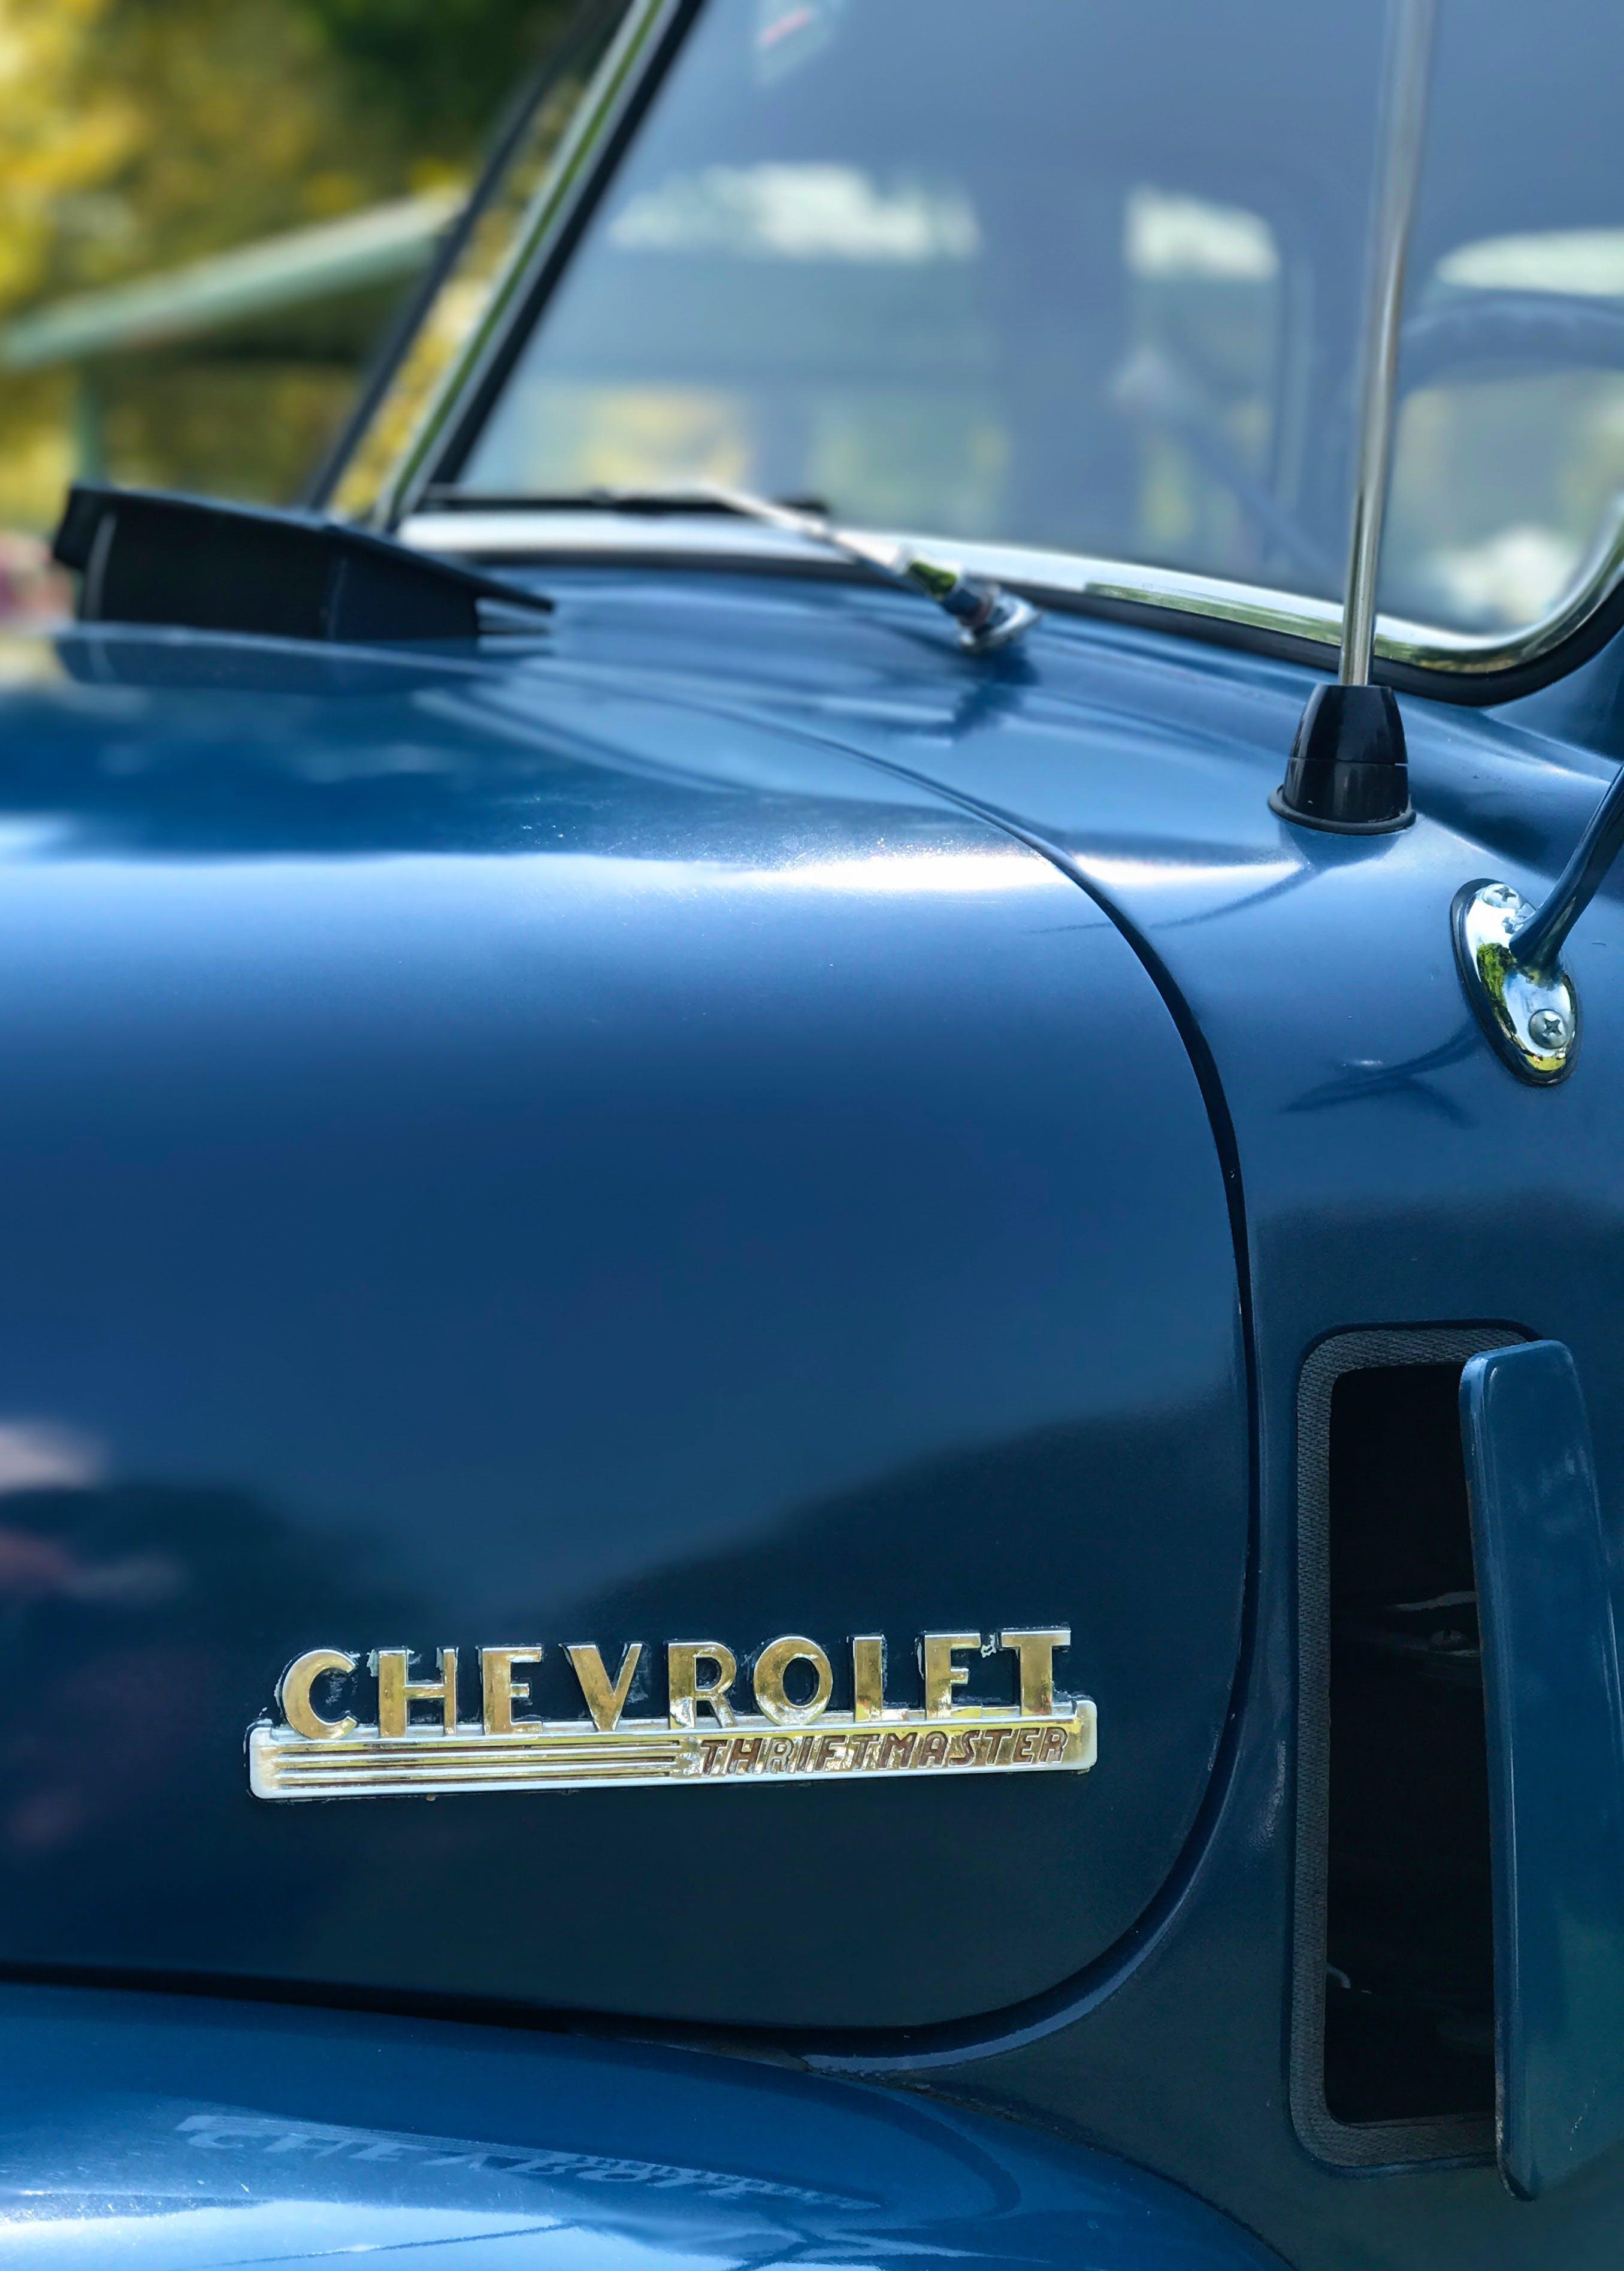 automòbil, automoció, chevrolet